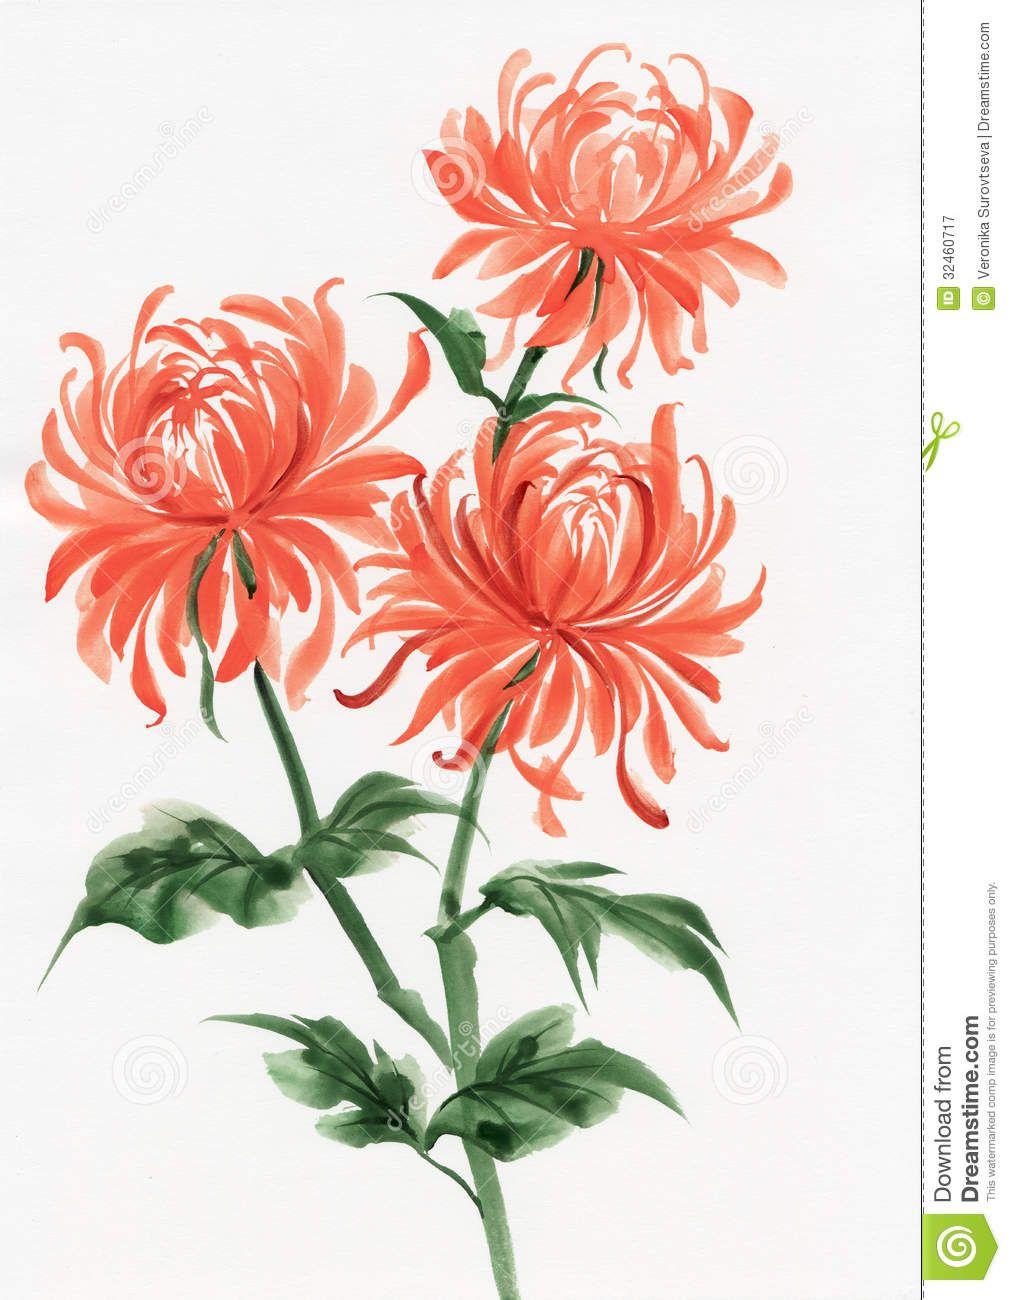 Orange Chrysanthemum Flower Drawing Flower Painting Chrysanthemum Watercolor